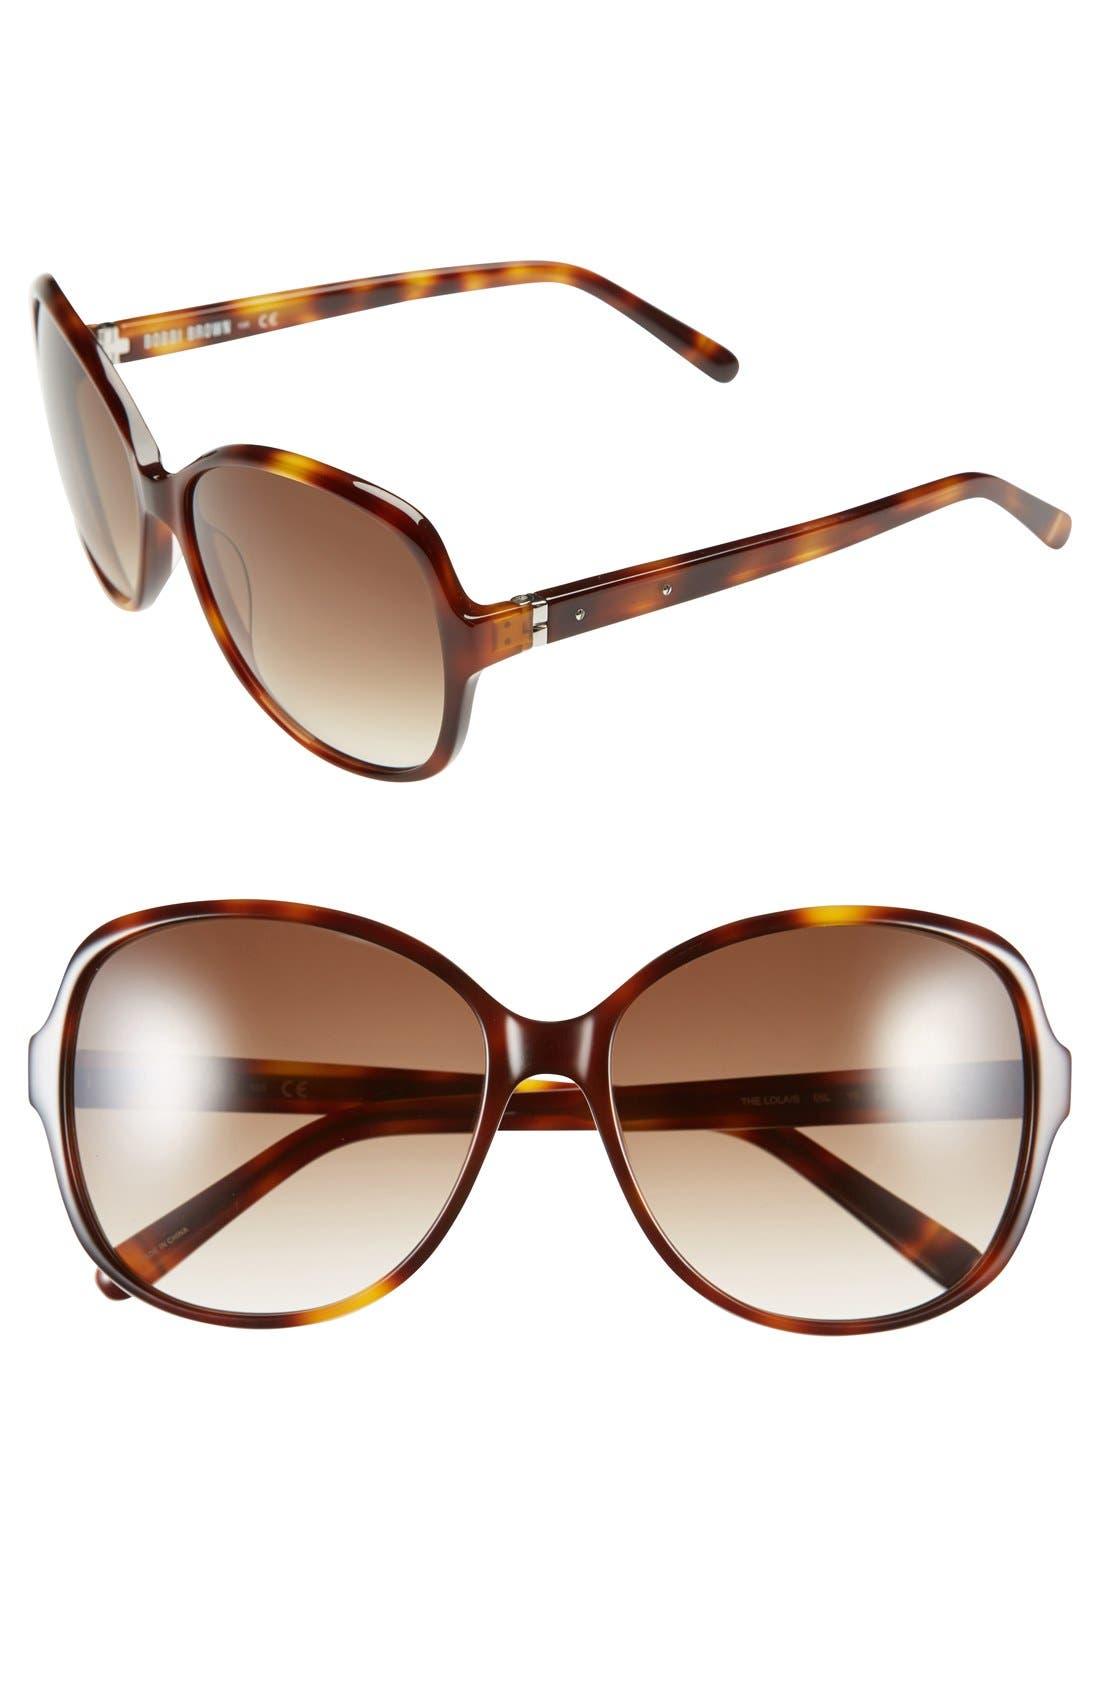 Alternate Image 1 Selected - Bobbi Brown 'The Lola' 59mm Sunglasses